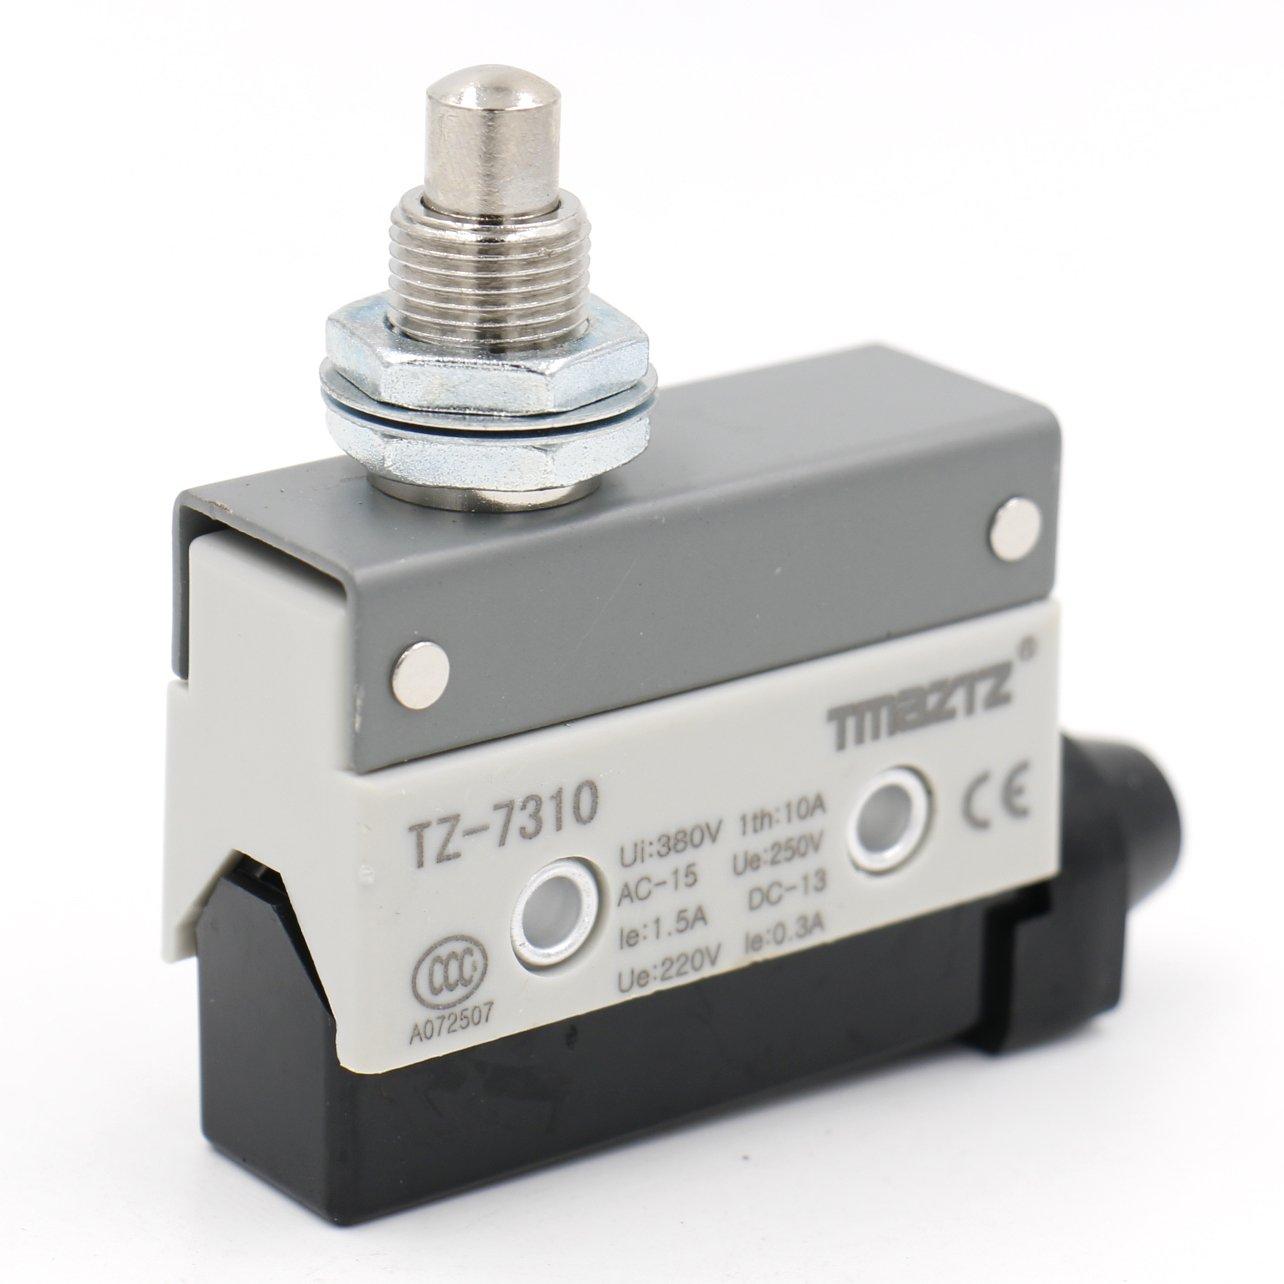 Heschen orizzontale finecorsa tz-7310/Momentray montaggio pannello stantuffo attuatore AC 380/V 10/A unipolare